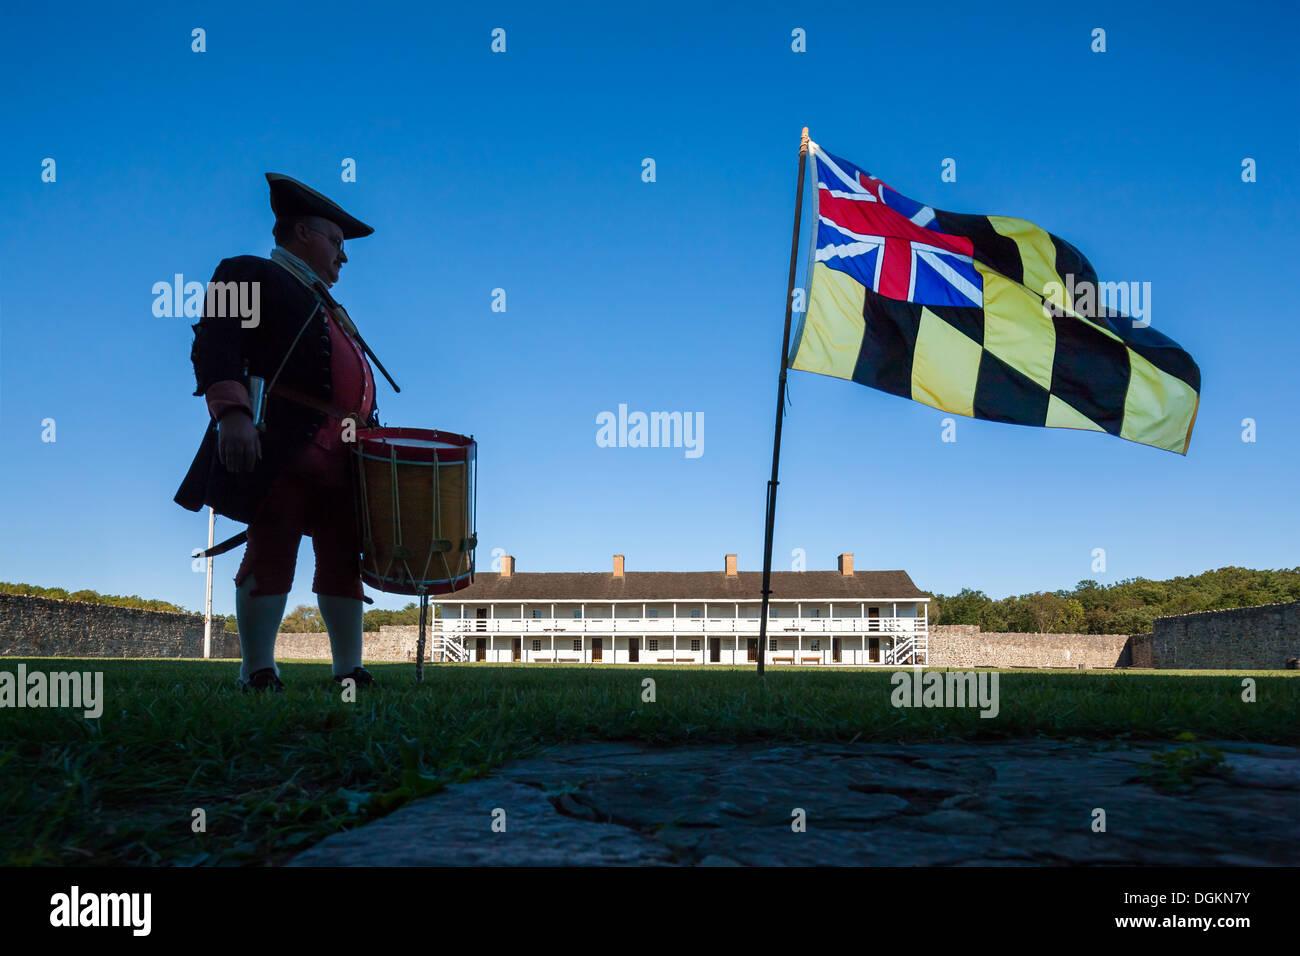 La vie quotidienne dans l'historique du Fort Frederick Maryland volunteer batteur avec ère coloniale drapeau du Maryland et à l'Est des casernes. Photo Stock